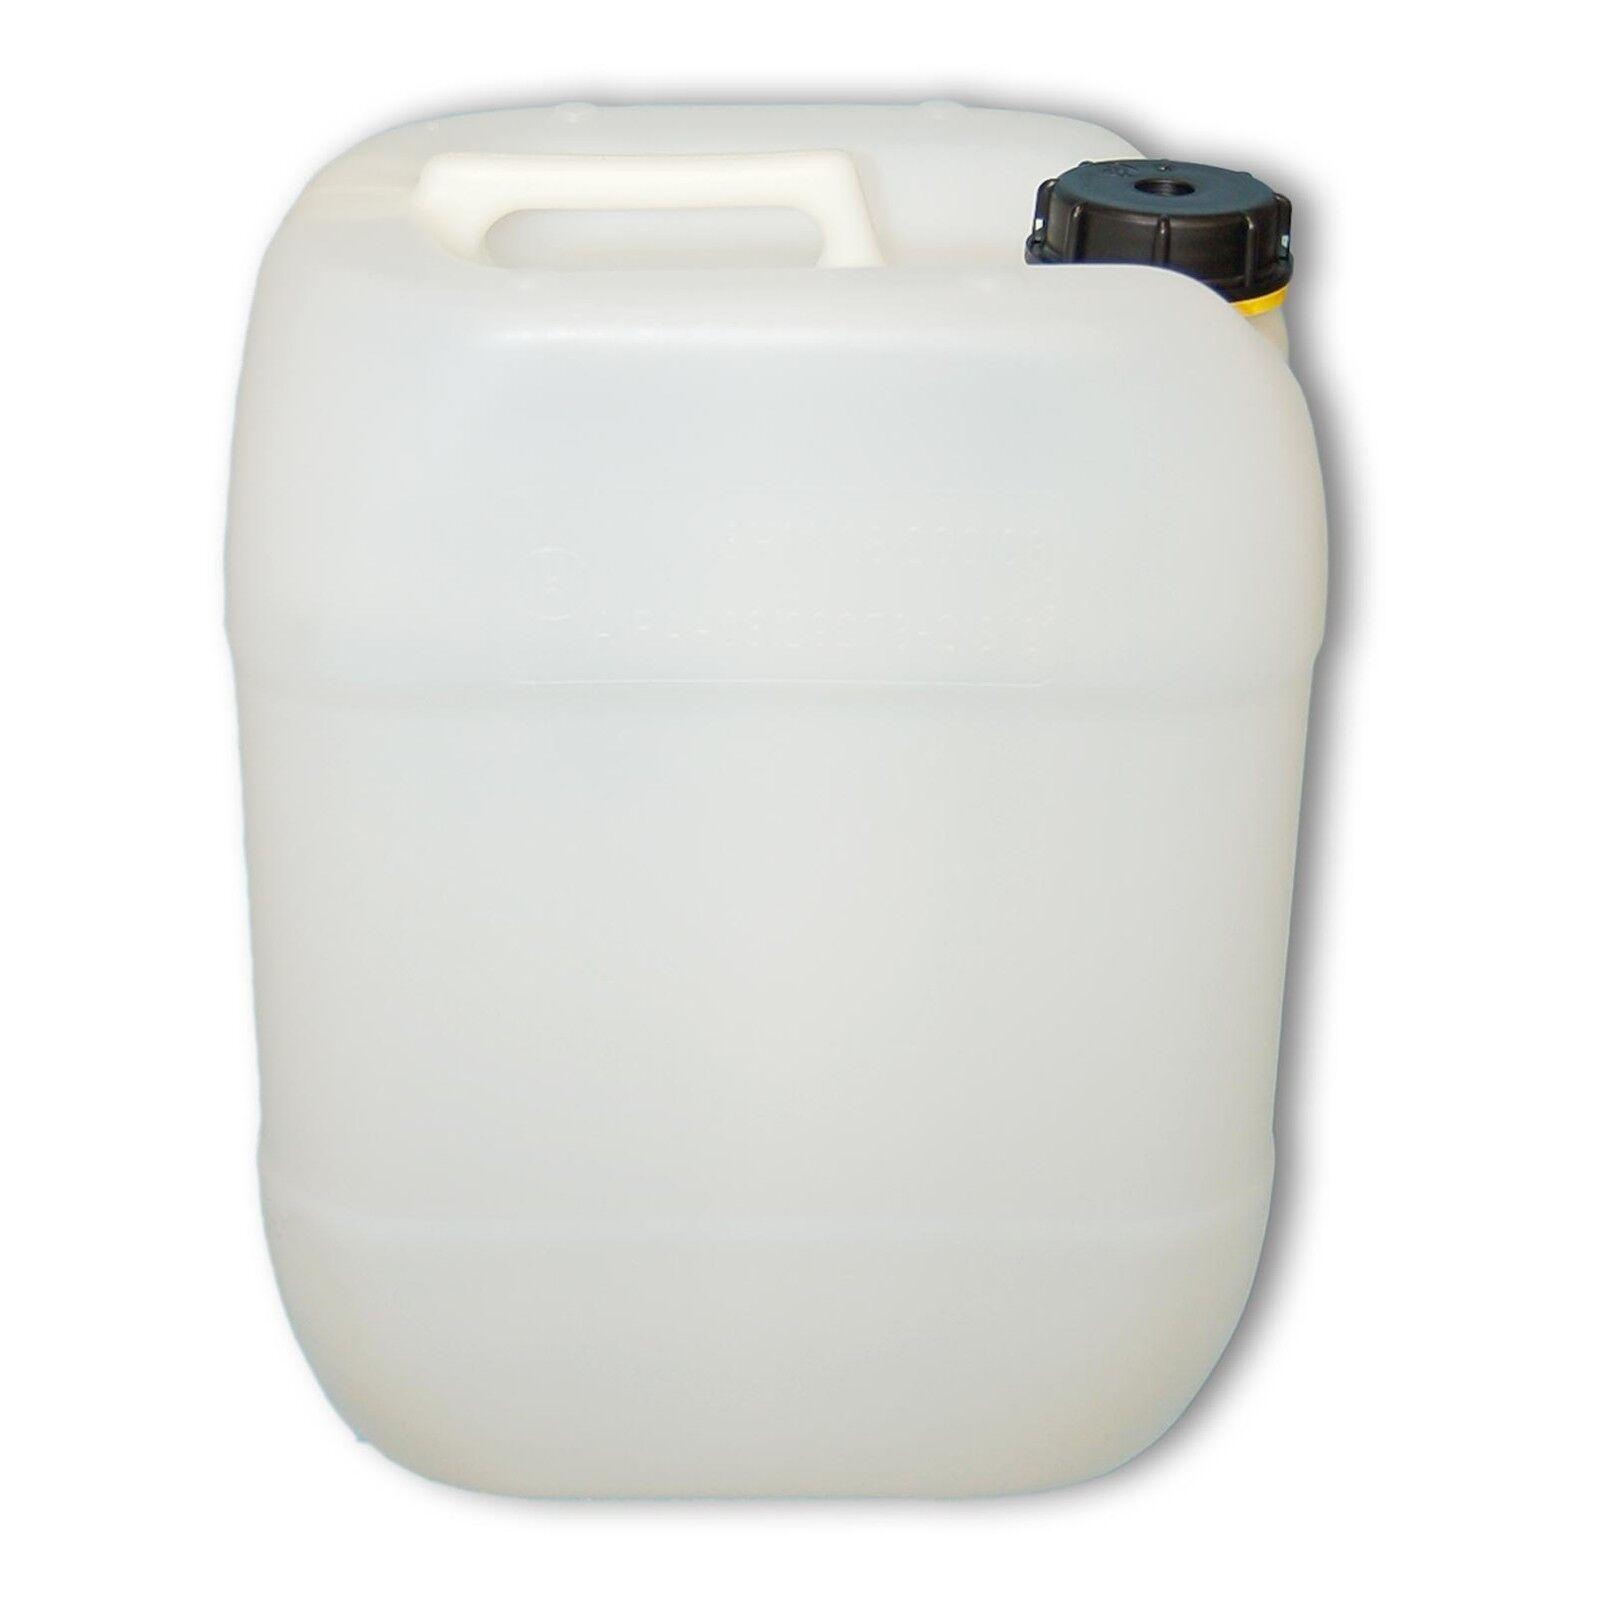 Bidon plastique 20 L, DIN 61 naturel, HDPE, fabriqué en tuttiemagne 22002